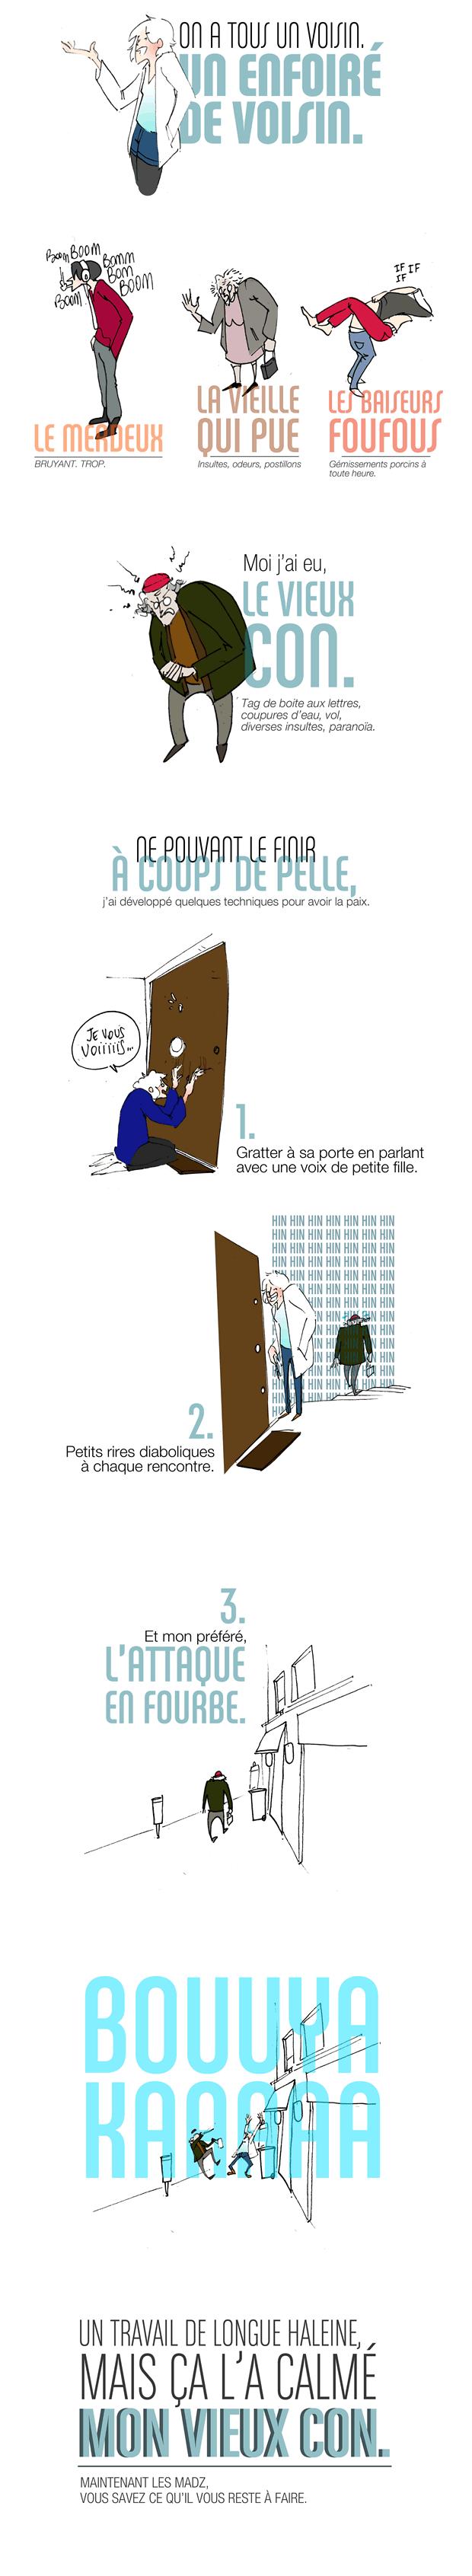 Comment gérer son vieux con de voisin ?